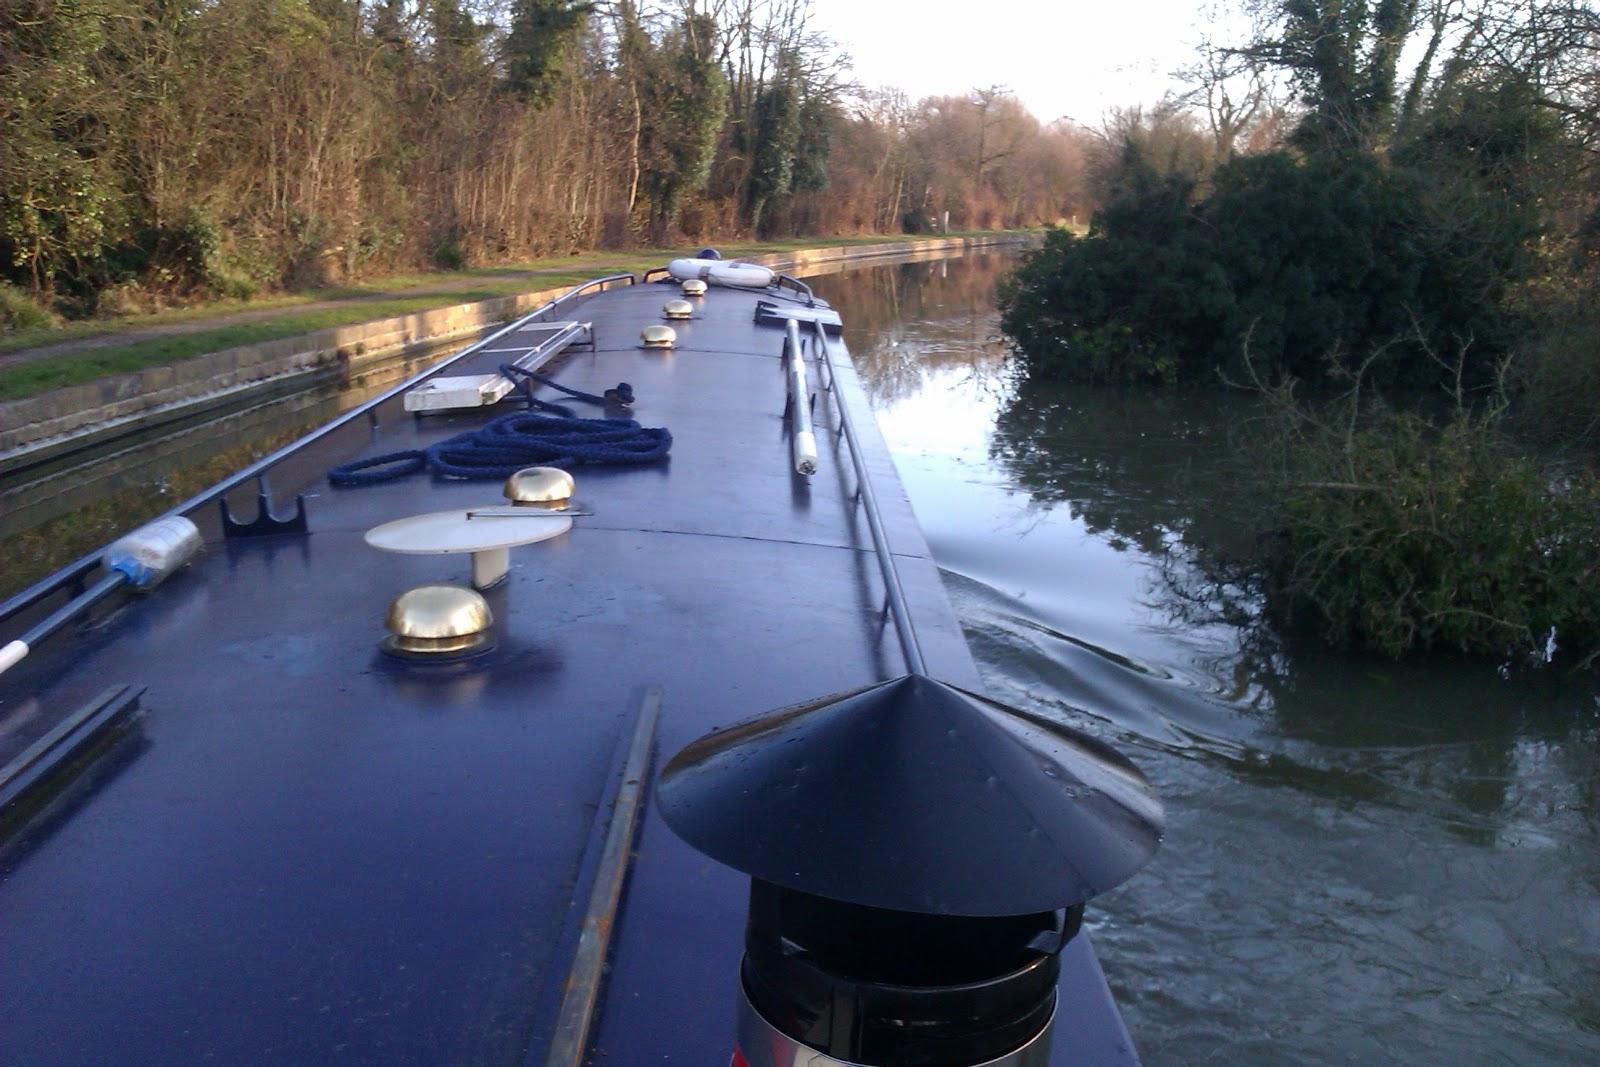 Soar Navigation near Pillings Lock